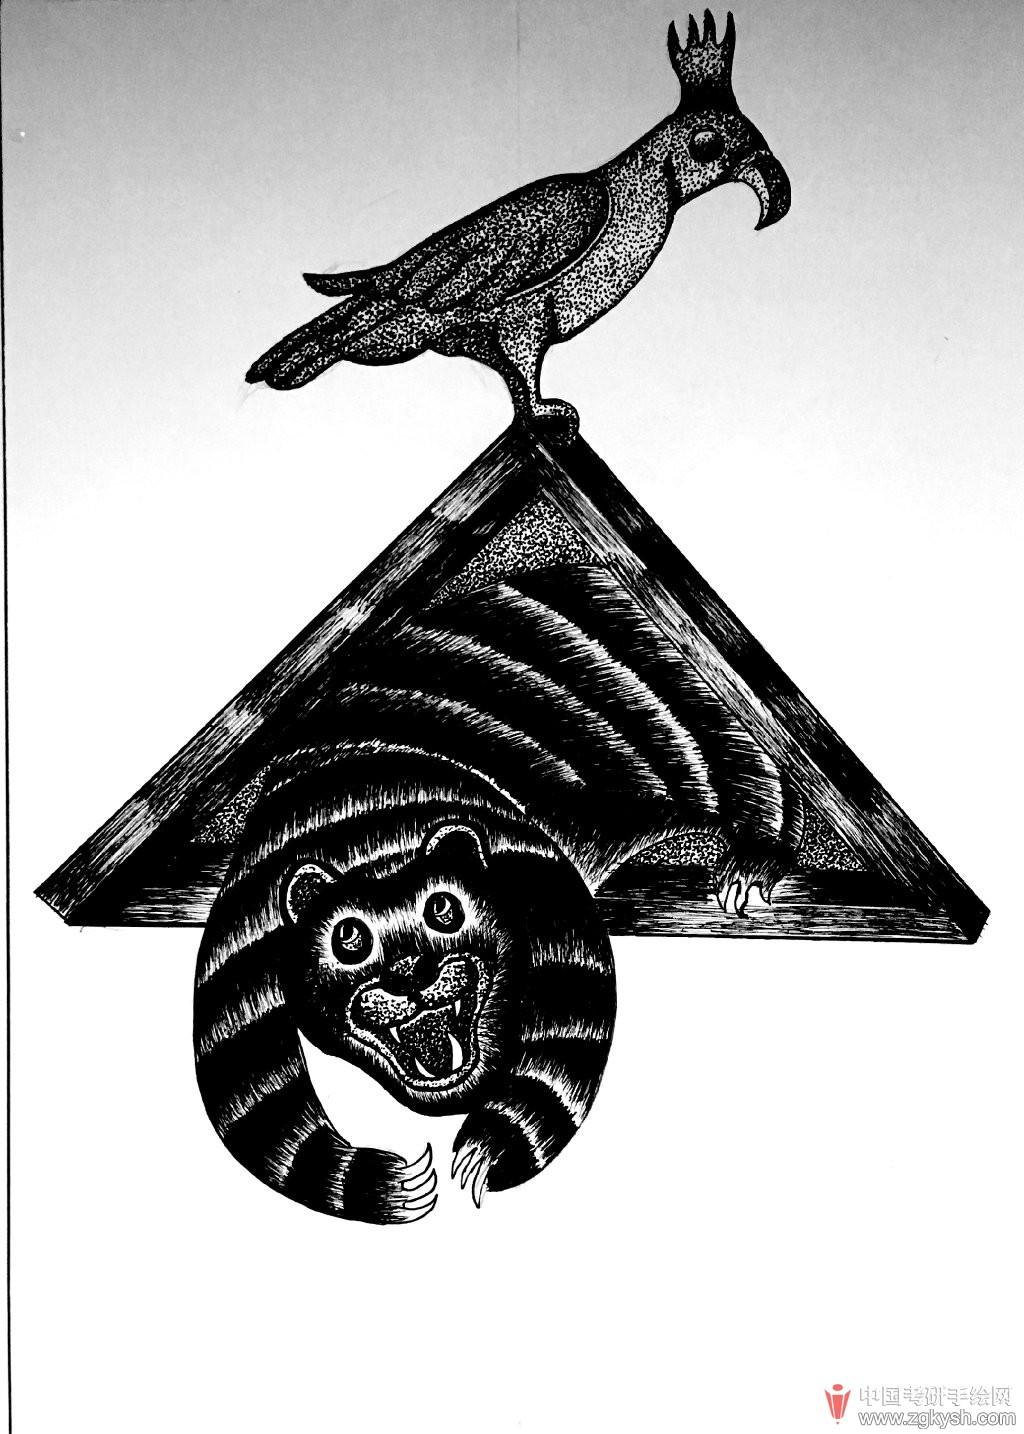 手绘黑白插画